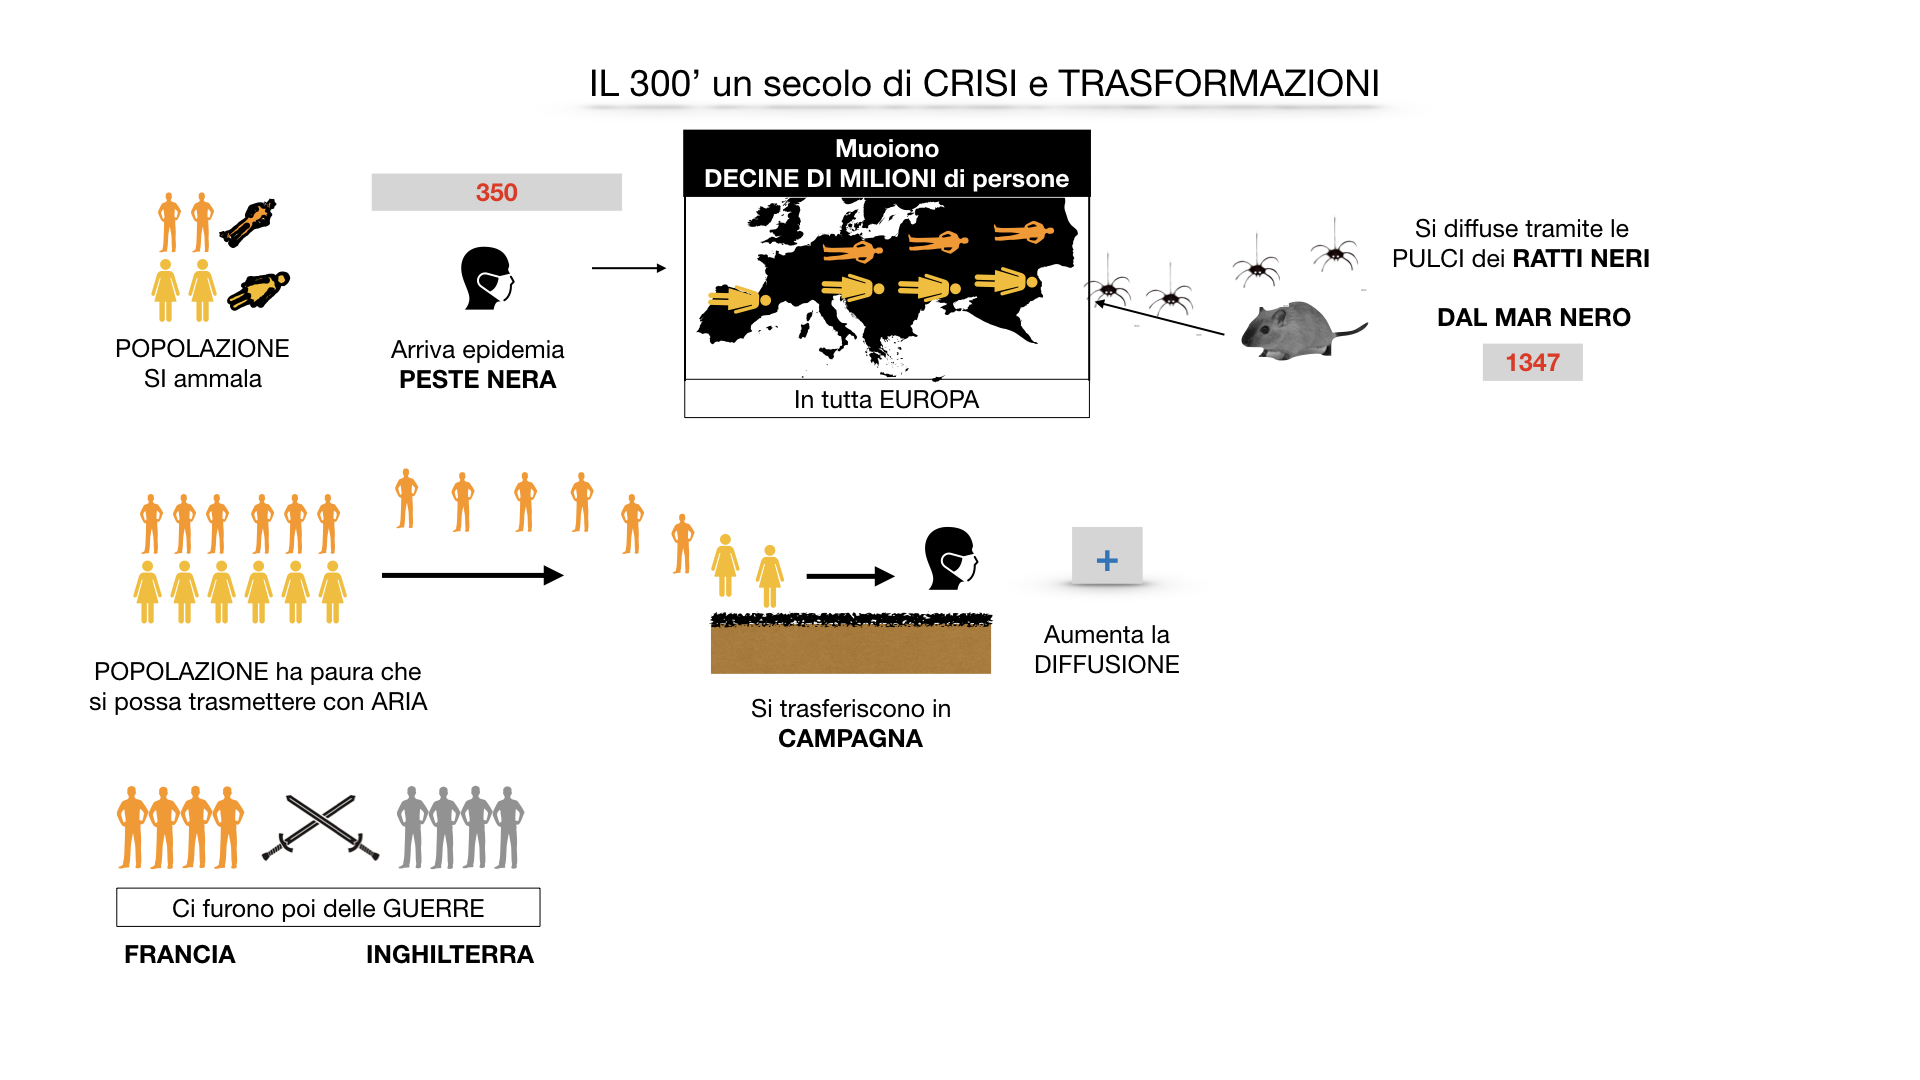 il 300 crisi e trasformazioni_ SIMULAZIONE.027